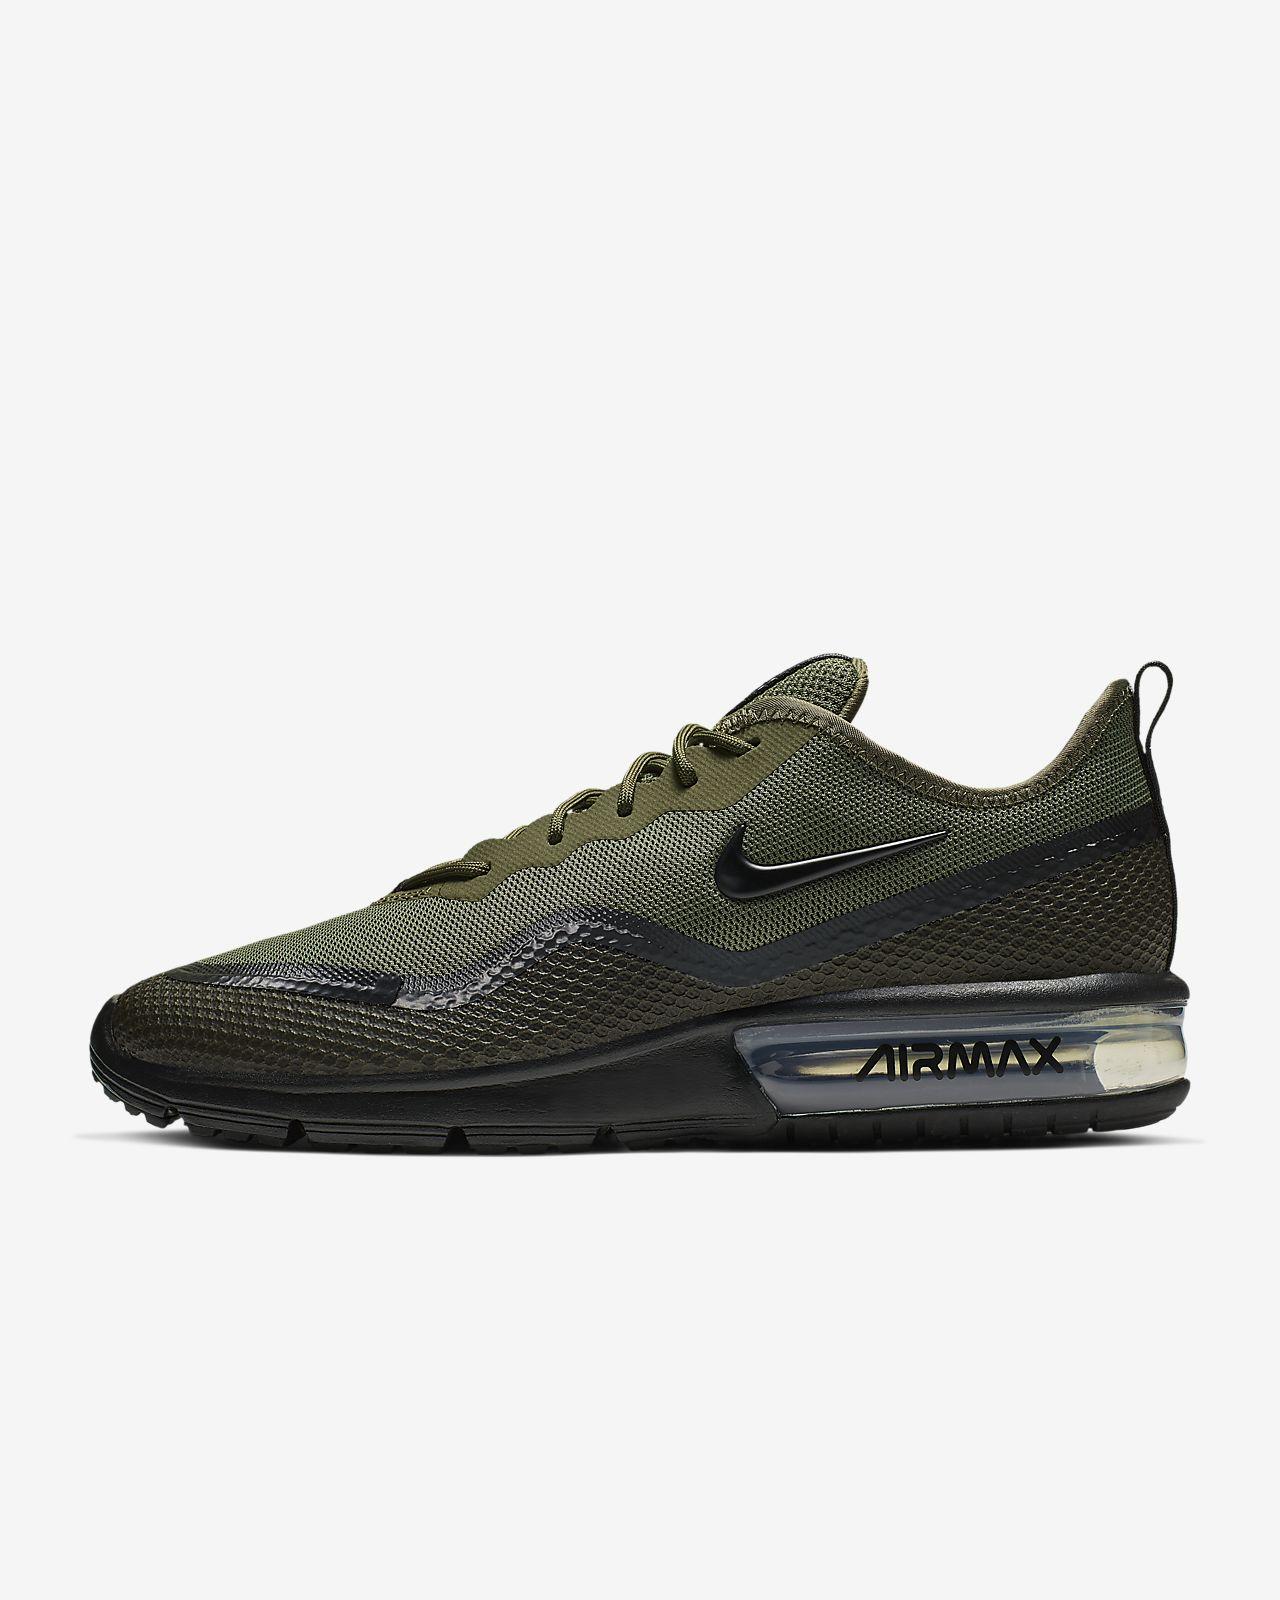 sale retailer 3b8d5 4afd5 Nike Air Max Sequent 4.5 SE Men's Shoe. Nike.com DK